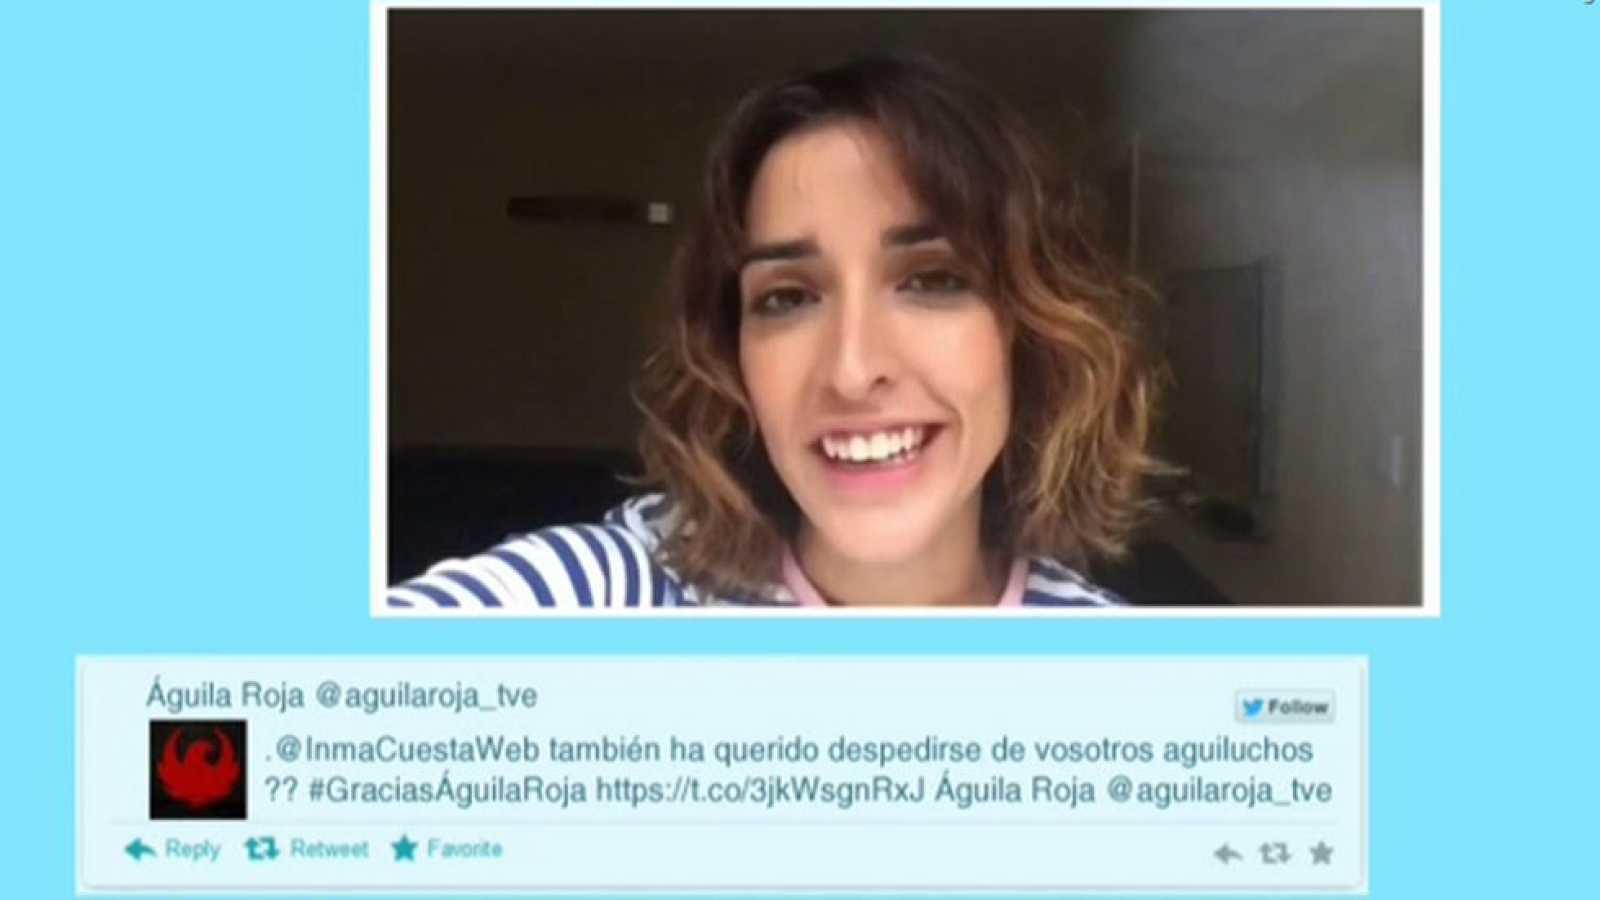 Inma Cuesta, David Janer, Francis Lorenzo y Miriam Gallego se han despedido de los fans de Águila Roja al final de un emotivo videoencuentro organizado por RTVE.es con motivo del final de la serie.